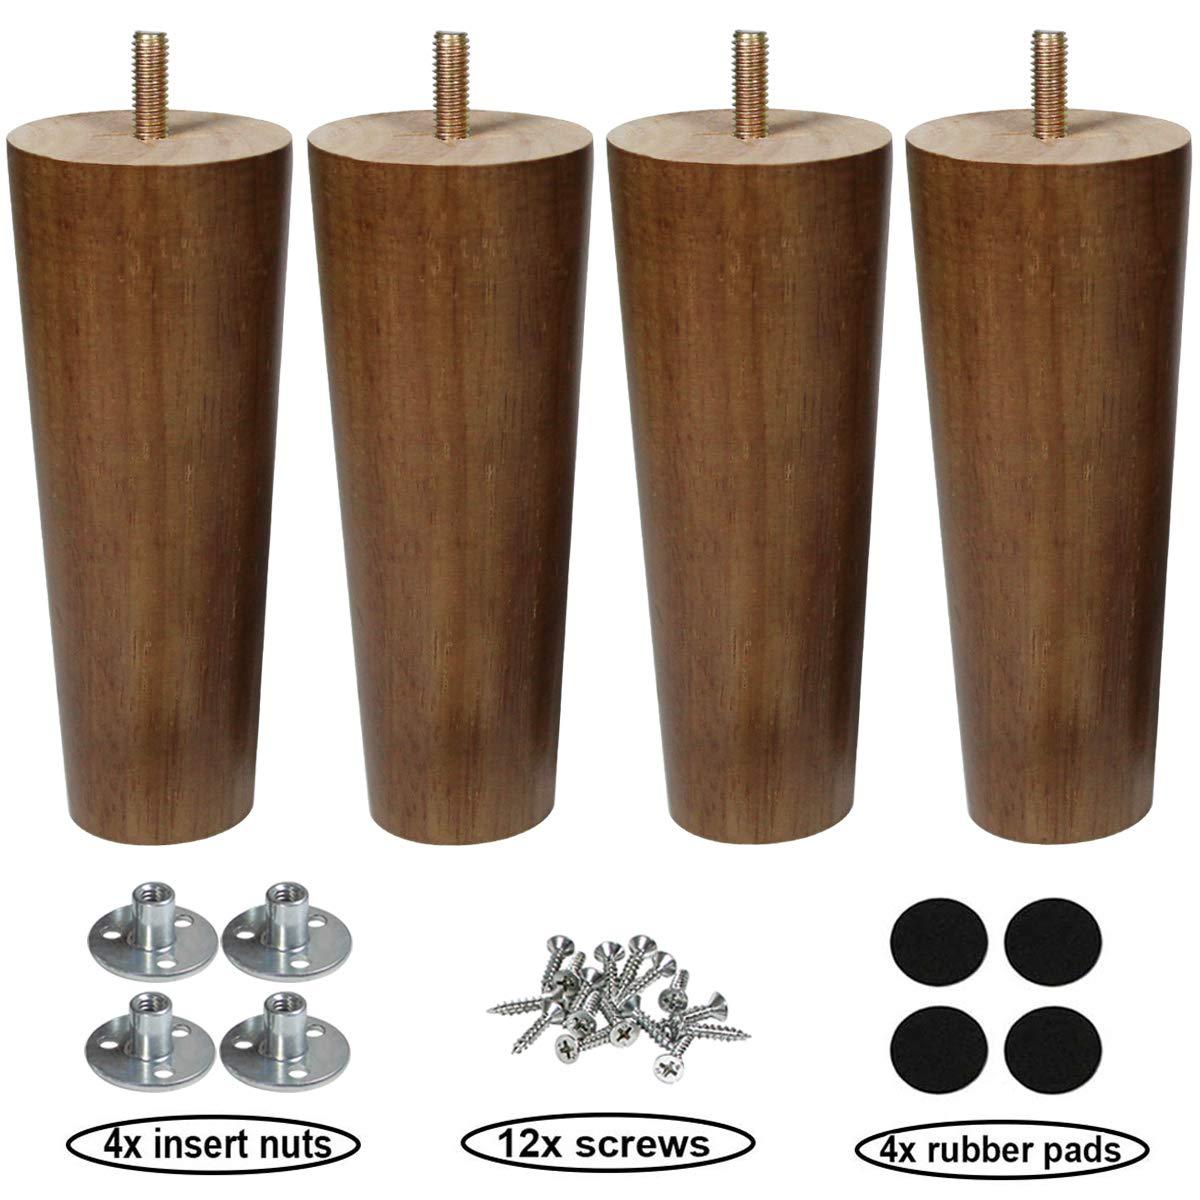 100 Stück Reca T-DN 6x35mm Deckennageldübel Stahl verzinkt  0904006 393